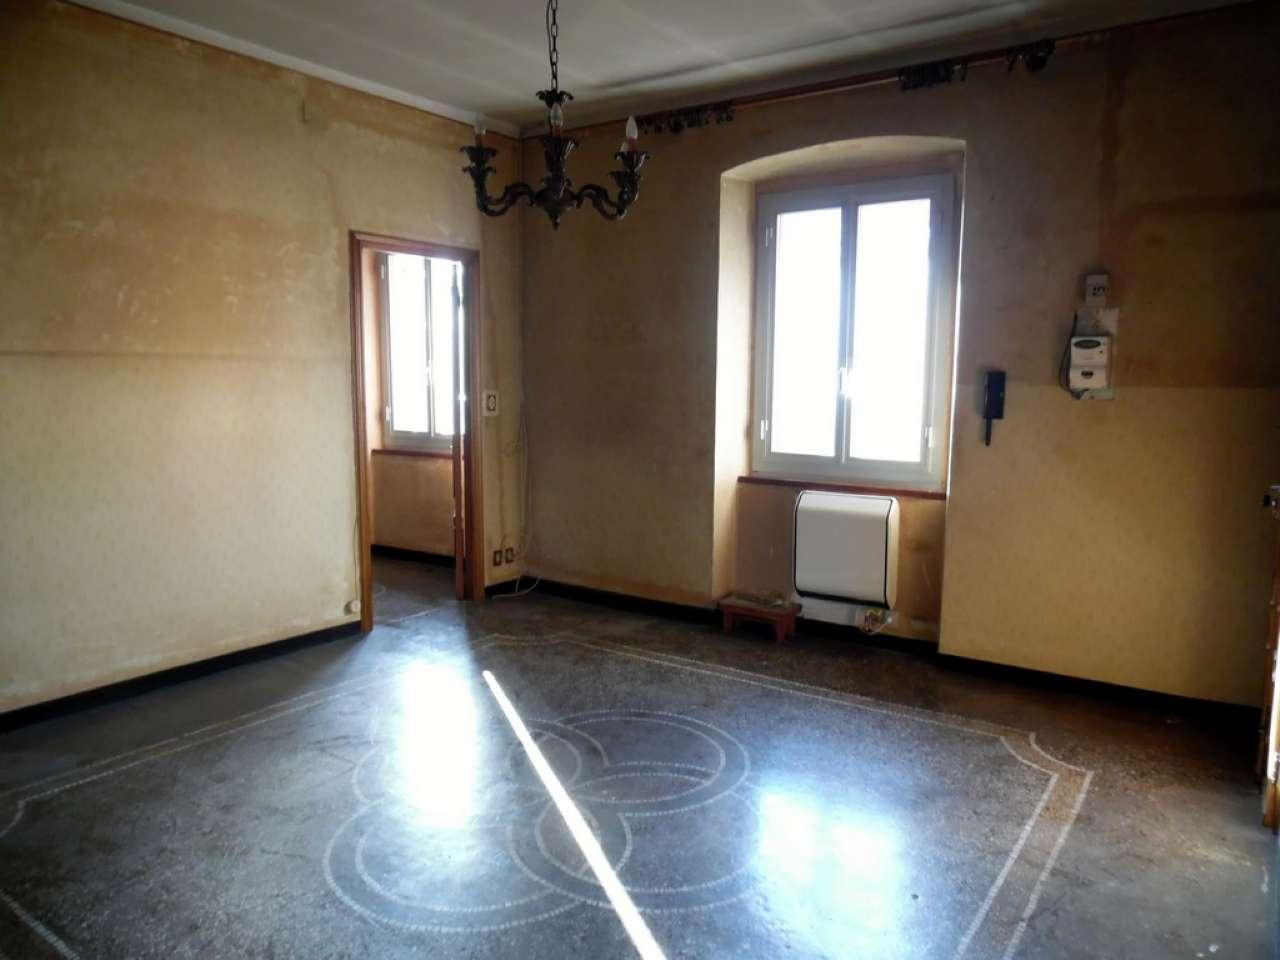 Appartamento in vendita a Ceranesi, 4 locali, prezzo € 30.000 | CambioCasa.it